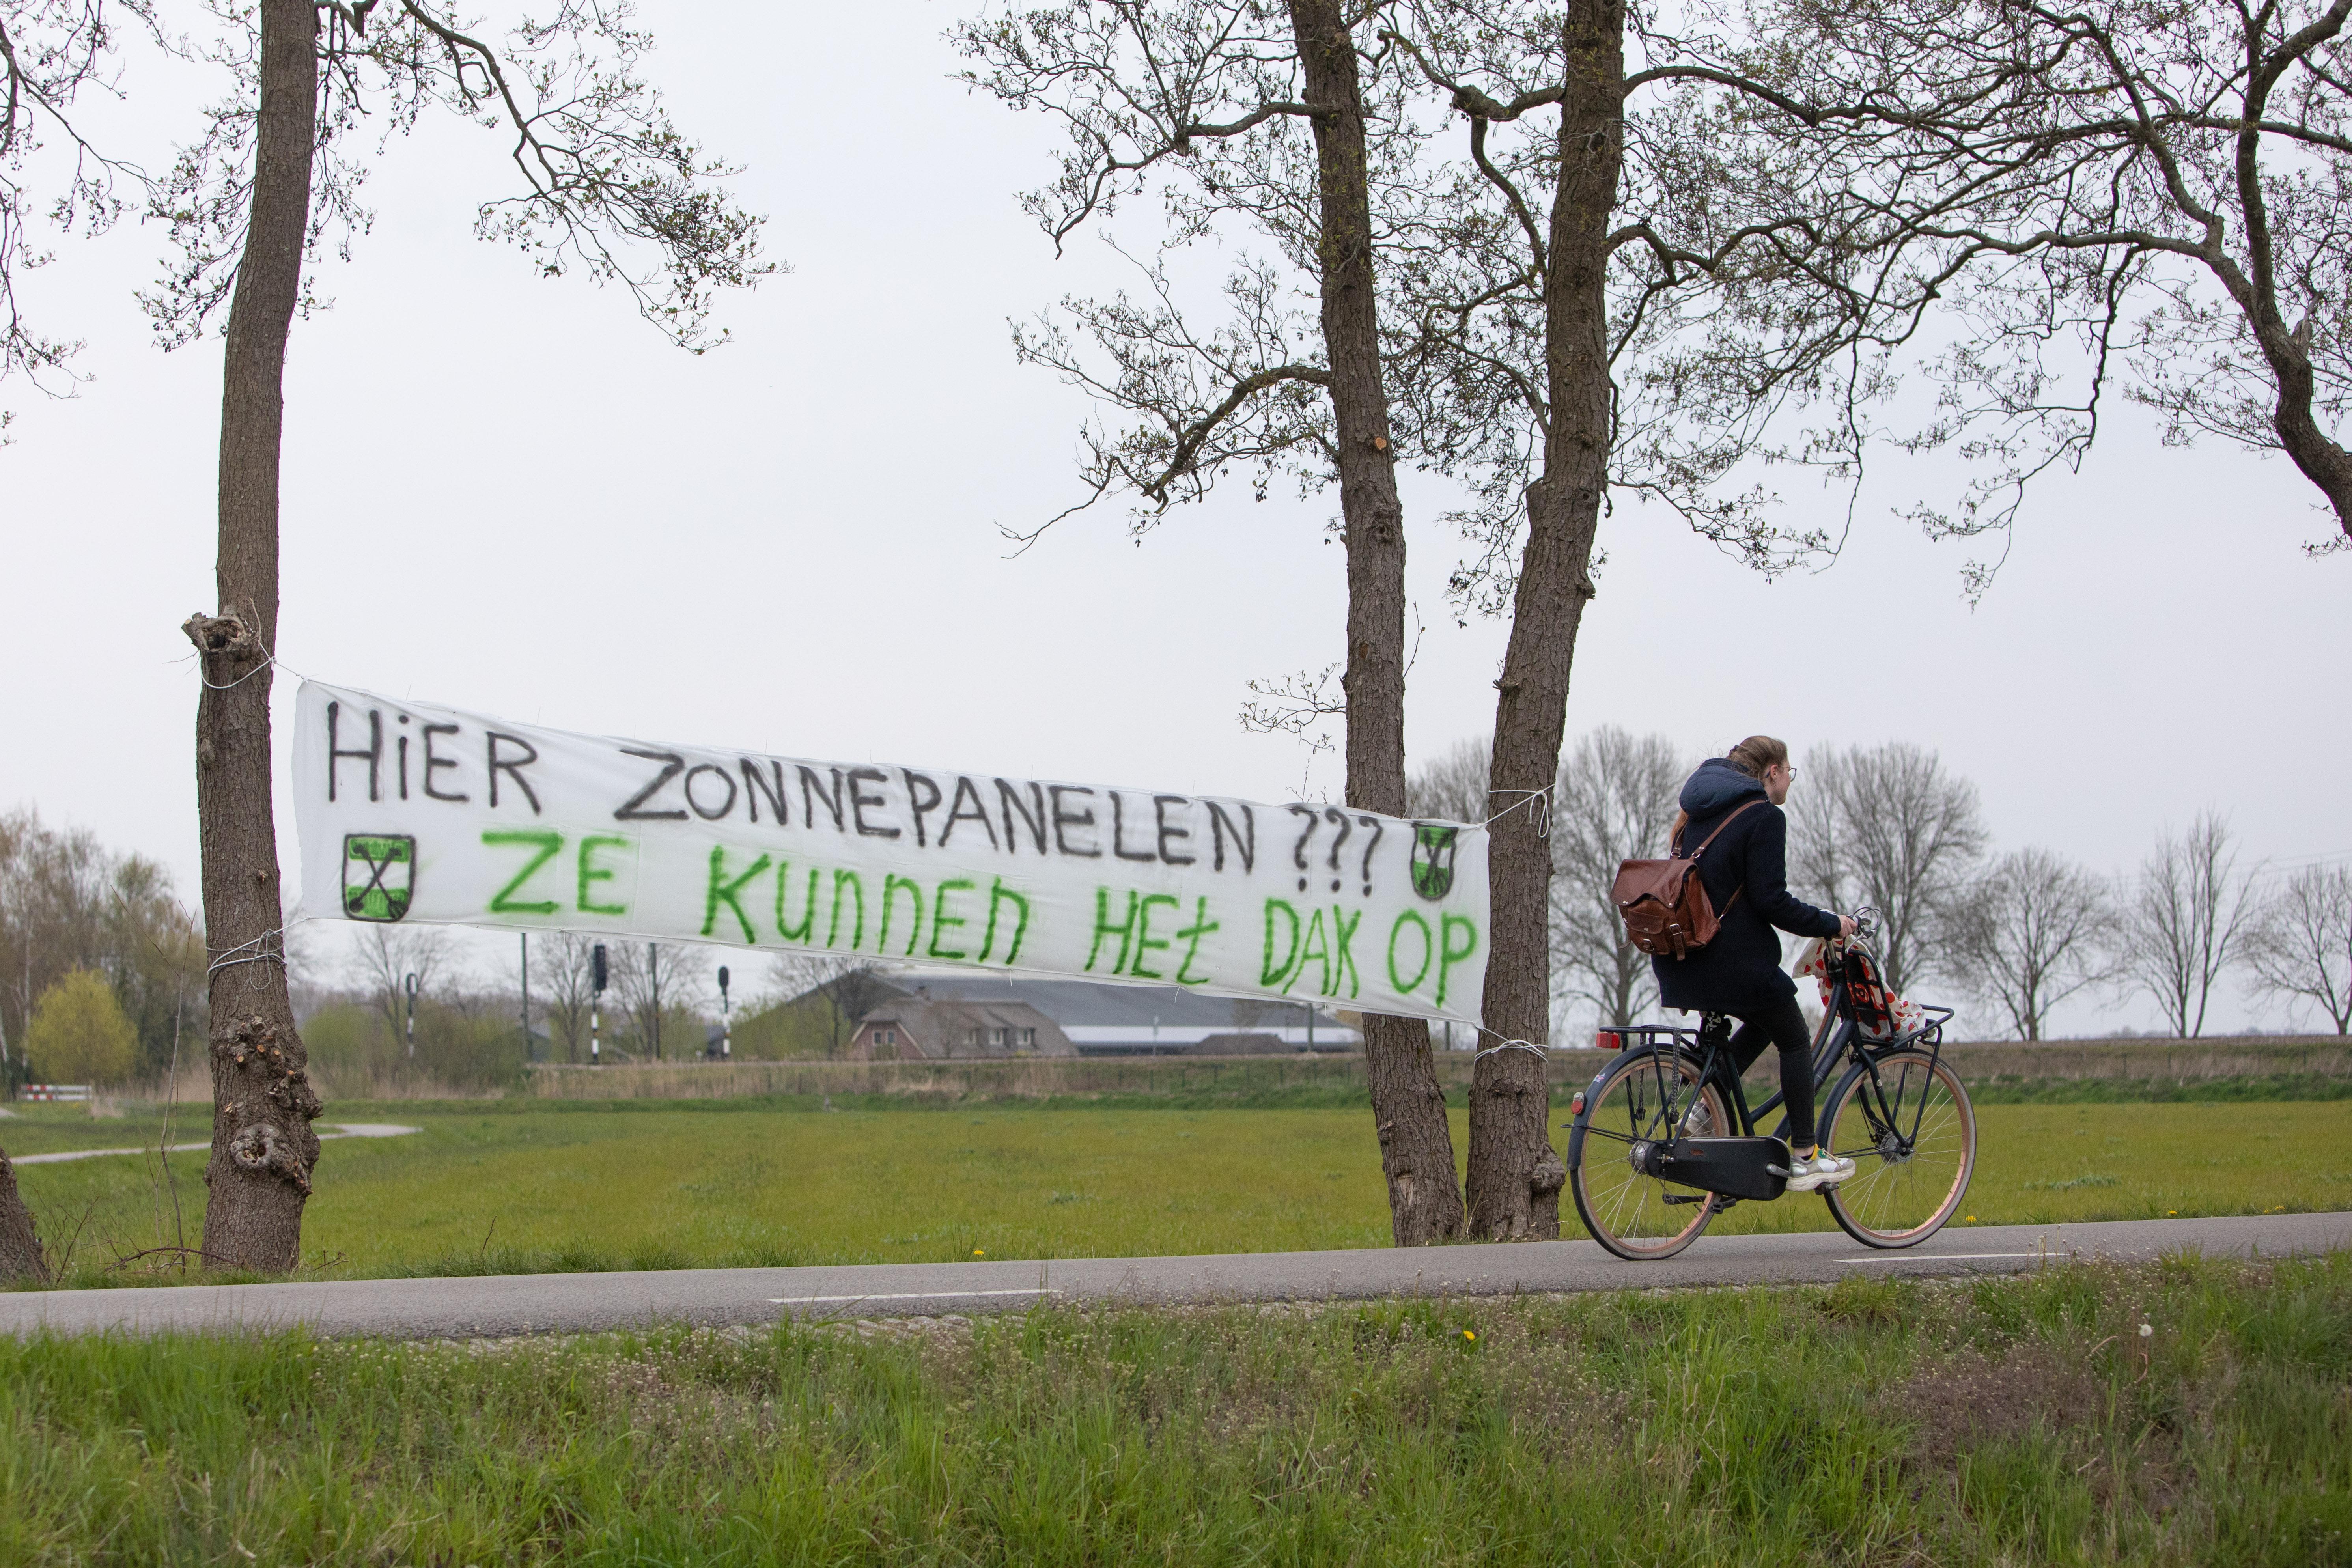 Soest gaat voor 15 hectare groot zonneveld in polder bij Praamgracht, rest van Eempolder en vliegbasis blijven gevrijwaard; 'Goed in te passen zonder dat je het ziet vanuit Soest'